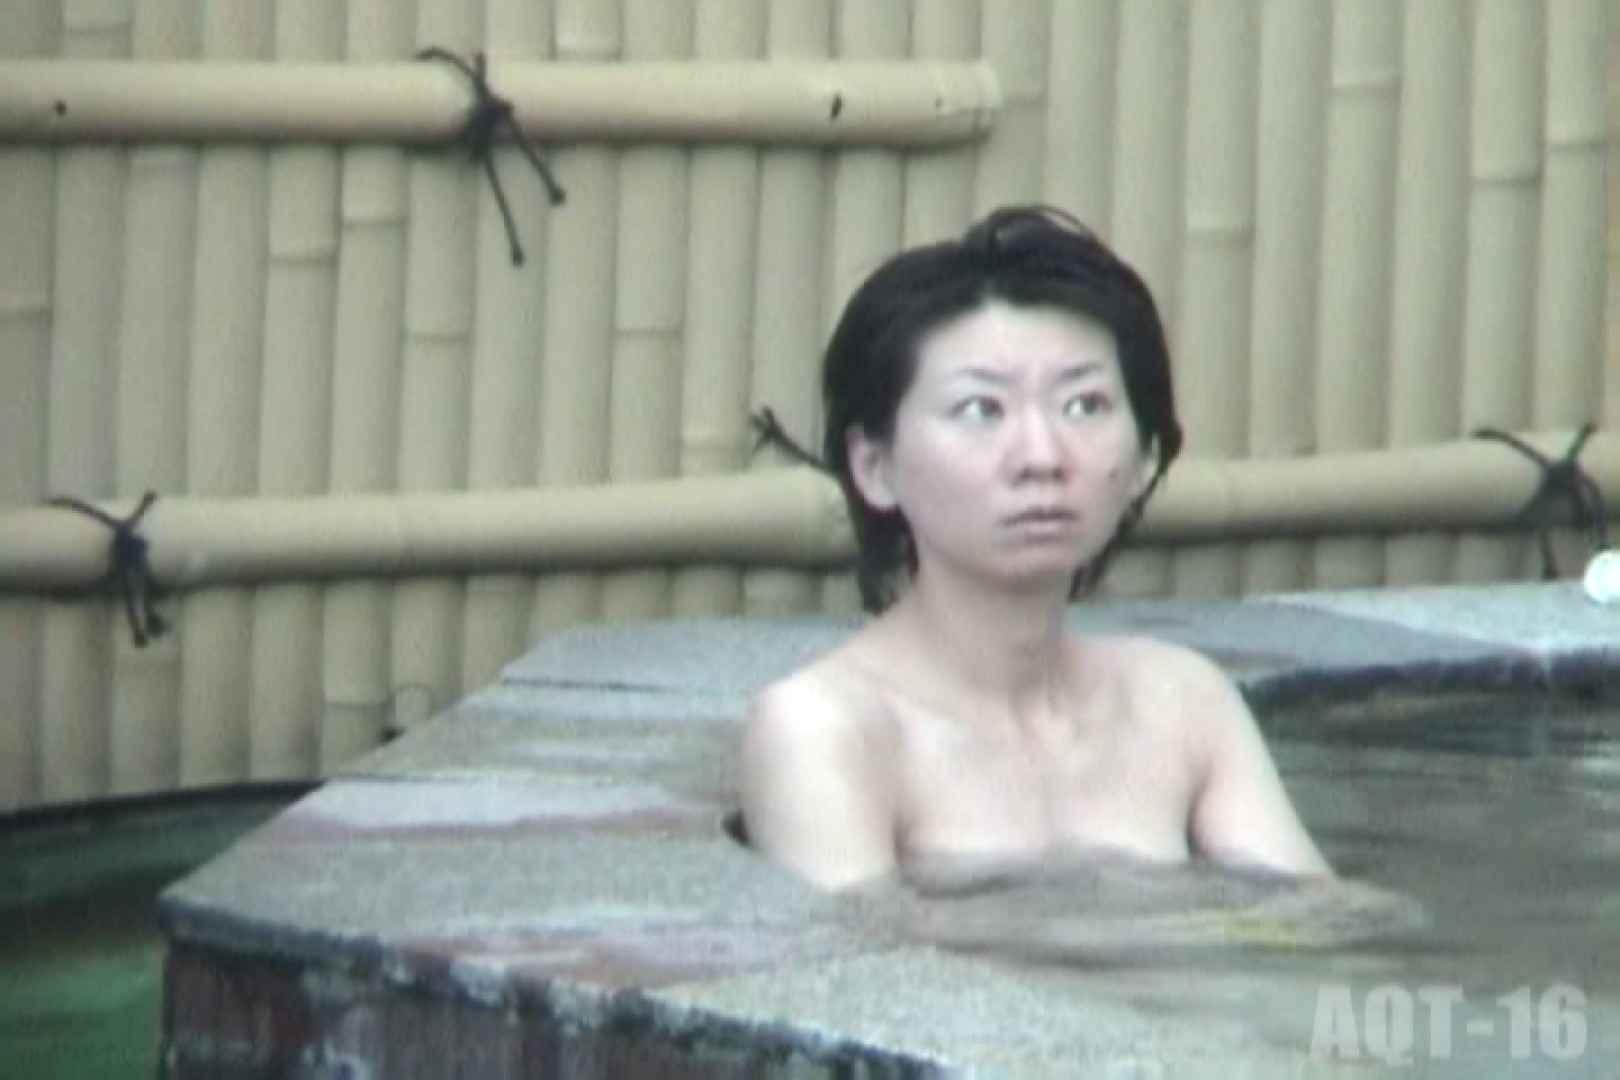 Aquaな露天風呂Vol.842 盗撮   OLすけべ画像  44連発 13